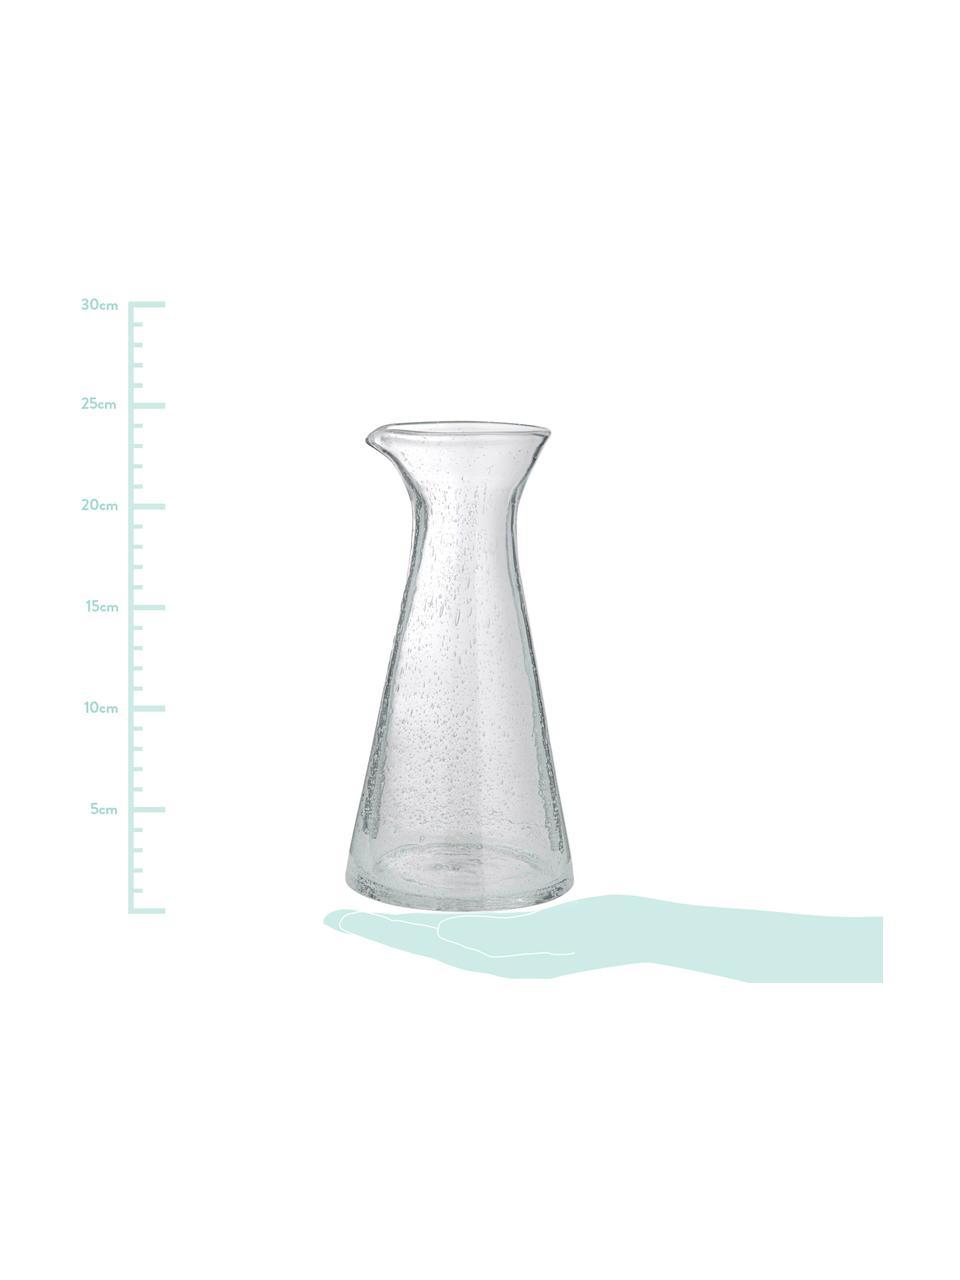 Caraffa in vetro soffiato con bollicine Bubble, 250 ml, Vetro soffiato, Trasparente con bolle d'aria, 250 ml